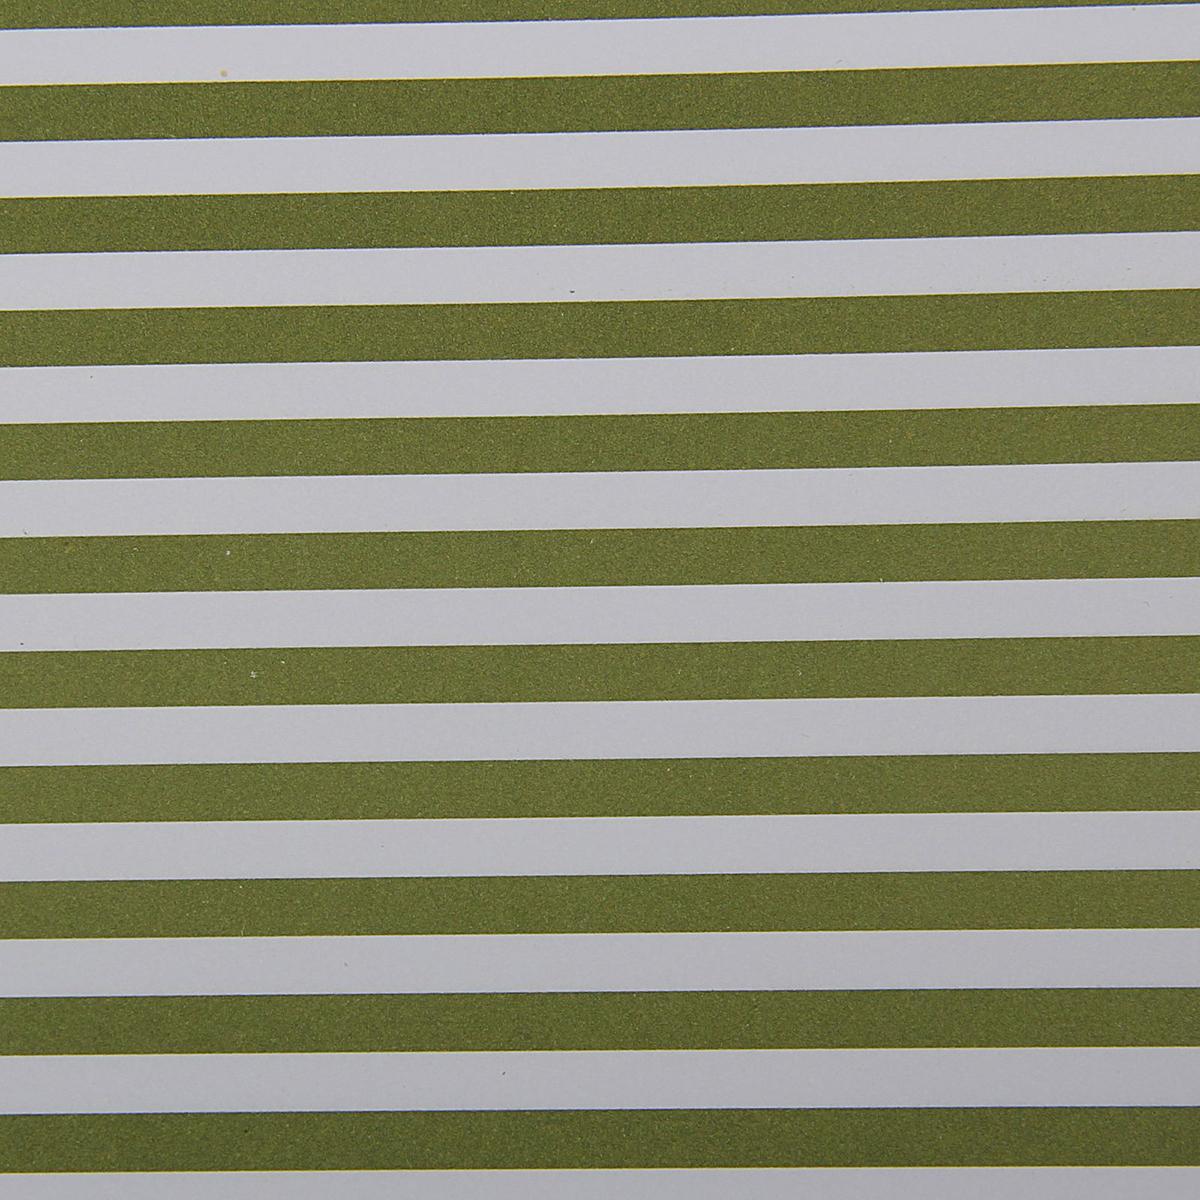 Бумага упаковочная Зеленые полоски, 60 х 60 см. 15585391558539Любой подарок начинается с упаковки. Что может быть трогательнее и волшебнее, чем ритуал разворачивания полученного презента. И именно оригинальная, со вкусом выбранная упаковка выделит ваш подарок из массы других. Она продемонстрирует самые тёплые чувства к виновнику торжества и создаст сказочную атмосферу праздника. Бумага упаковочная Зеленые полоски, 60 х 60 см — это то, что вы искали.